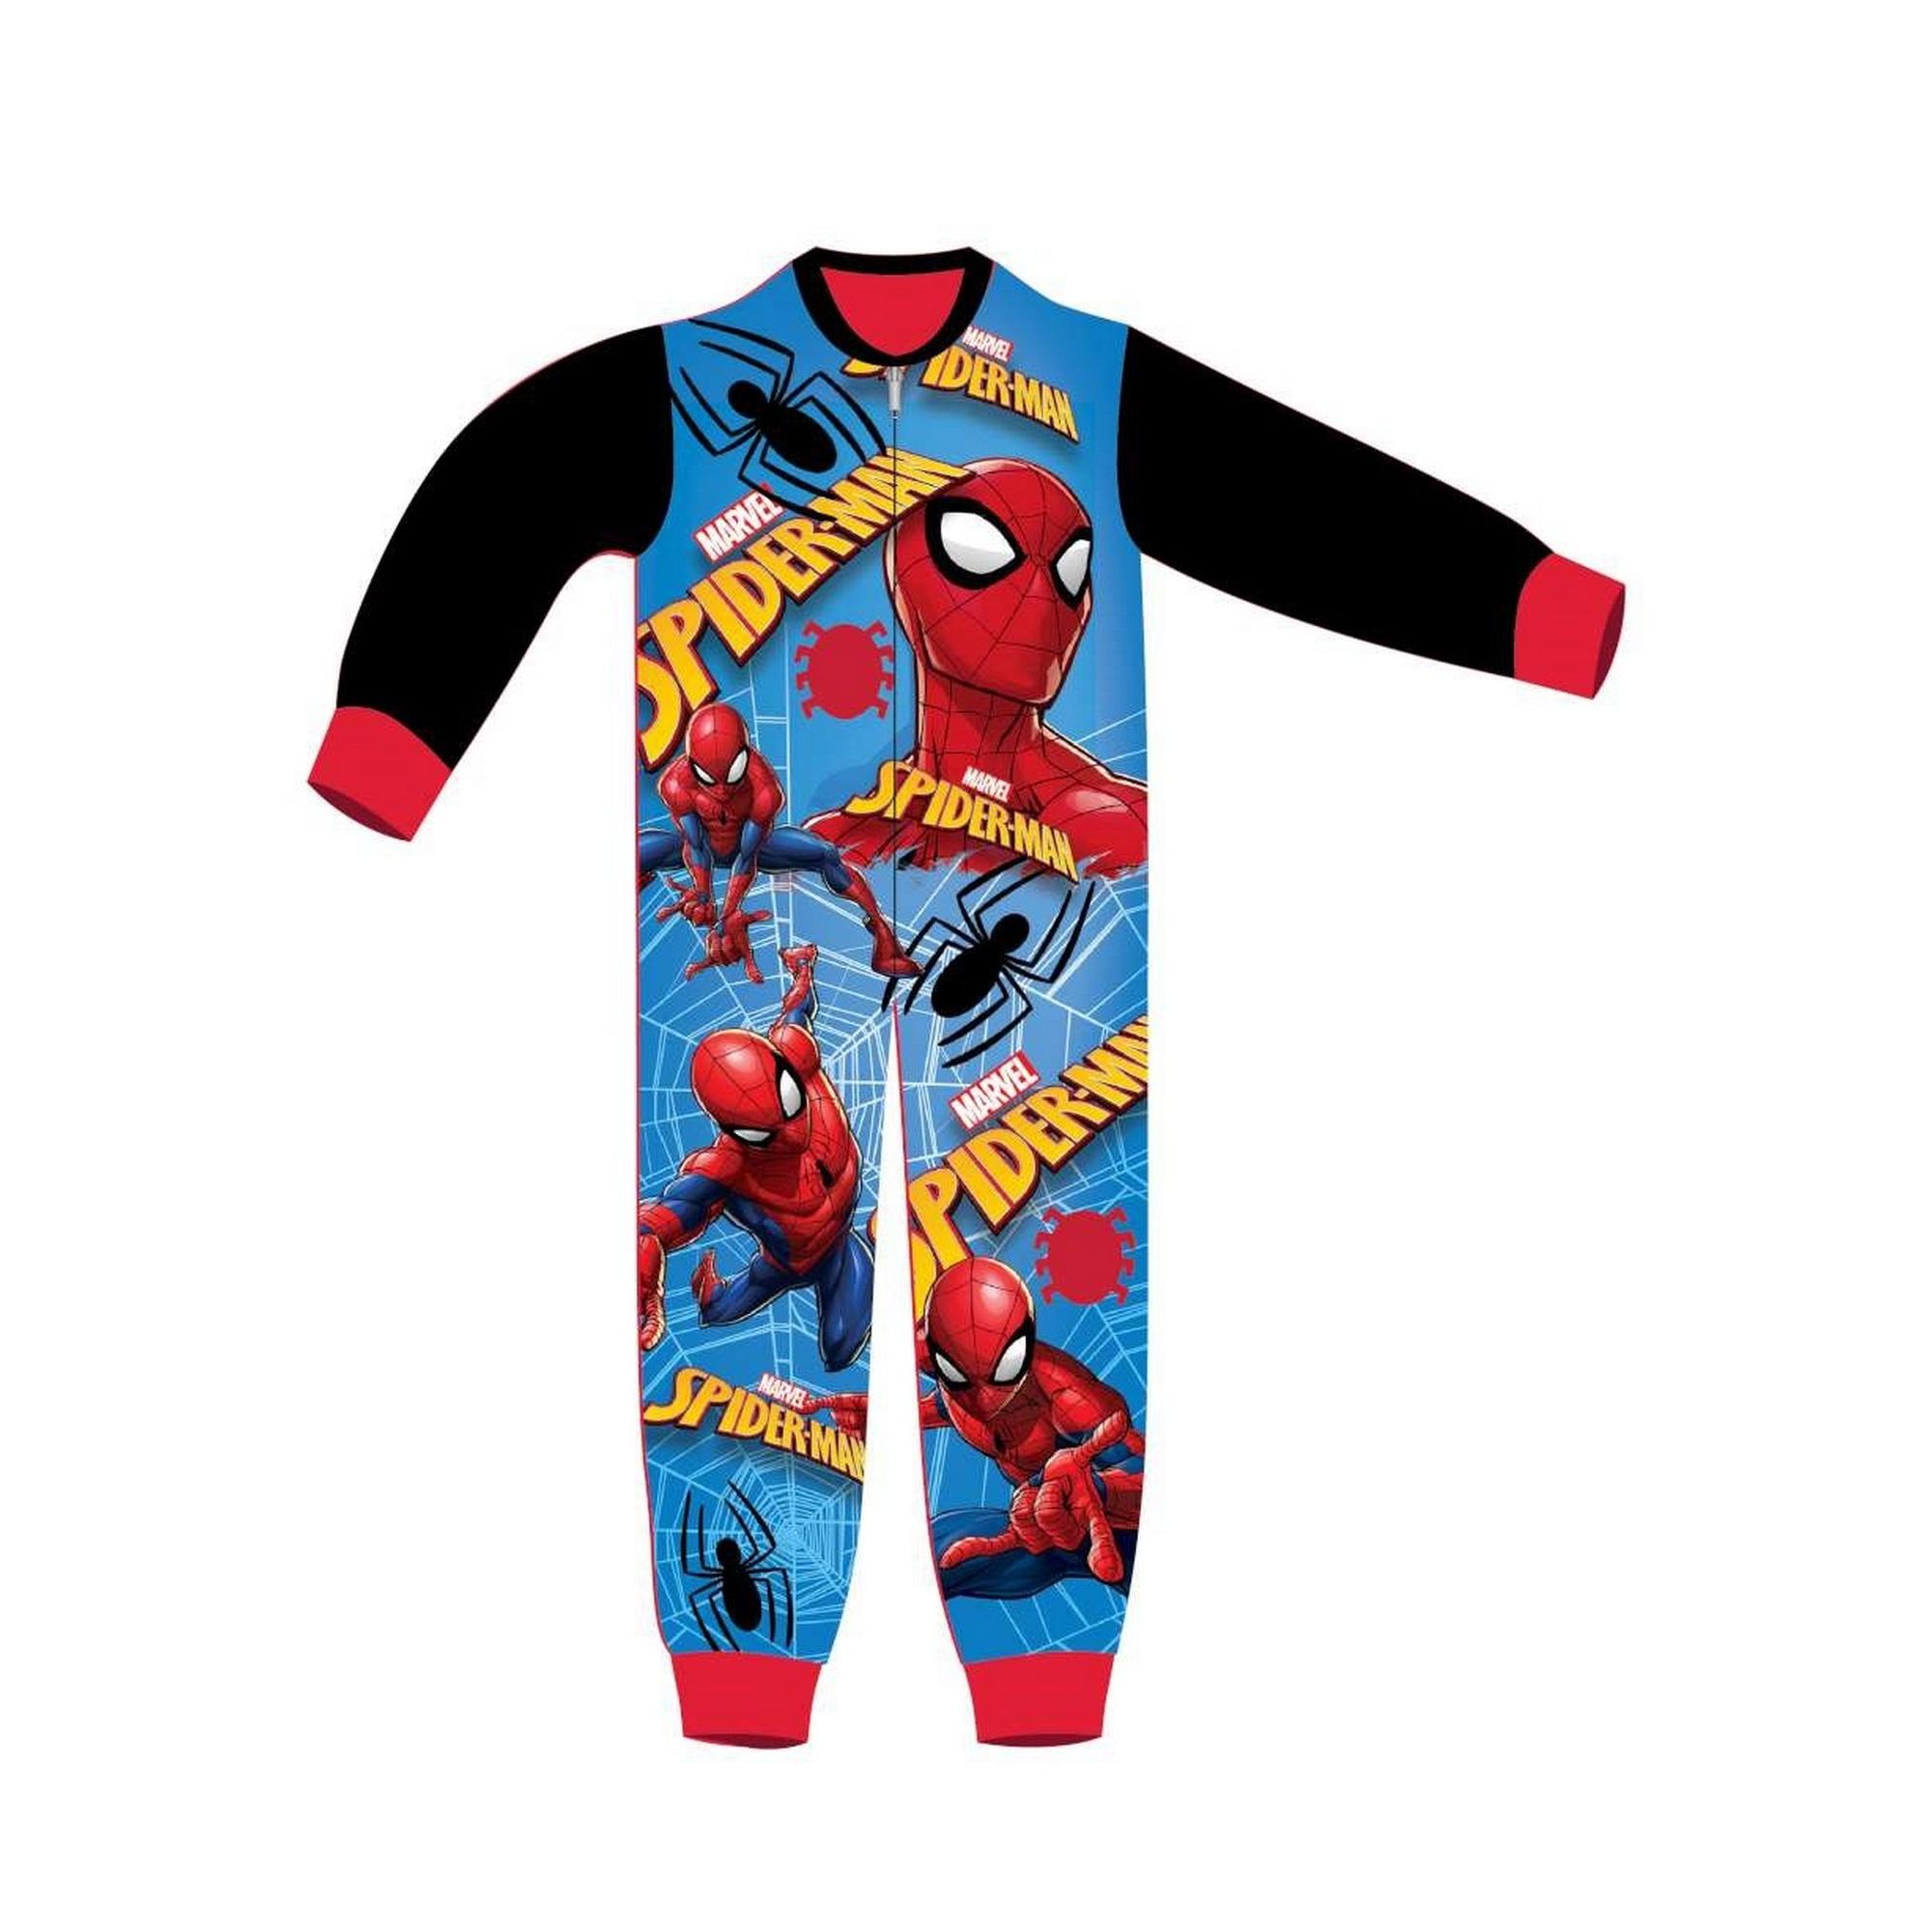 Marvel-Pijama-infantil-de-una-pieza-con-diseno-clasico-de-Spiderman-TF574